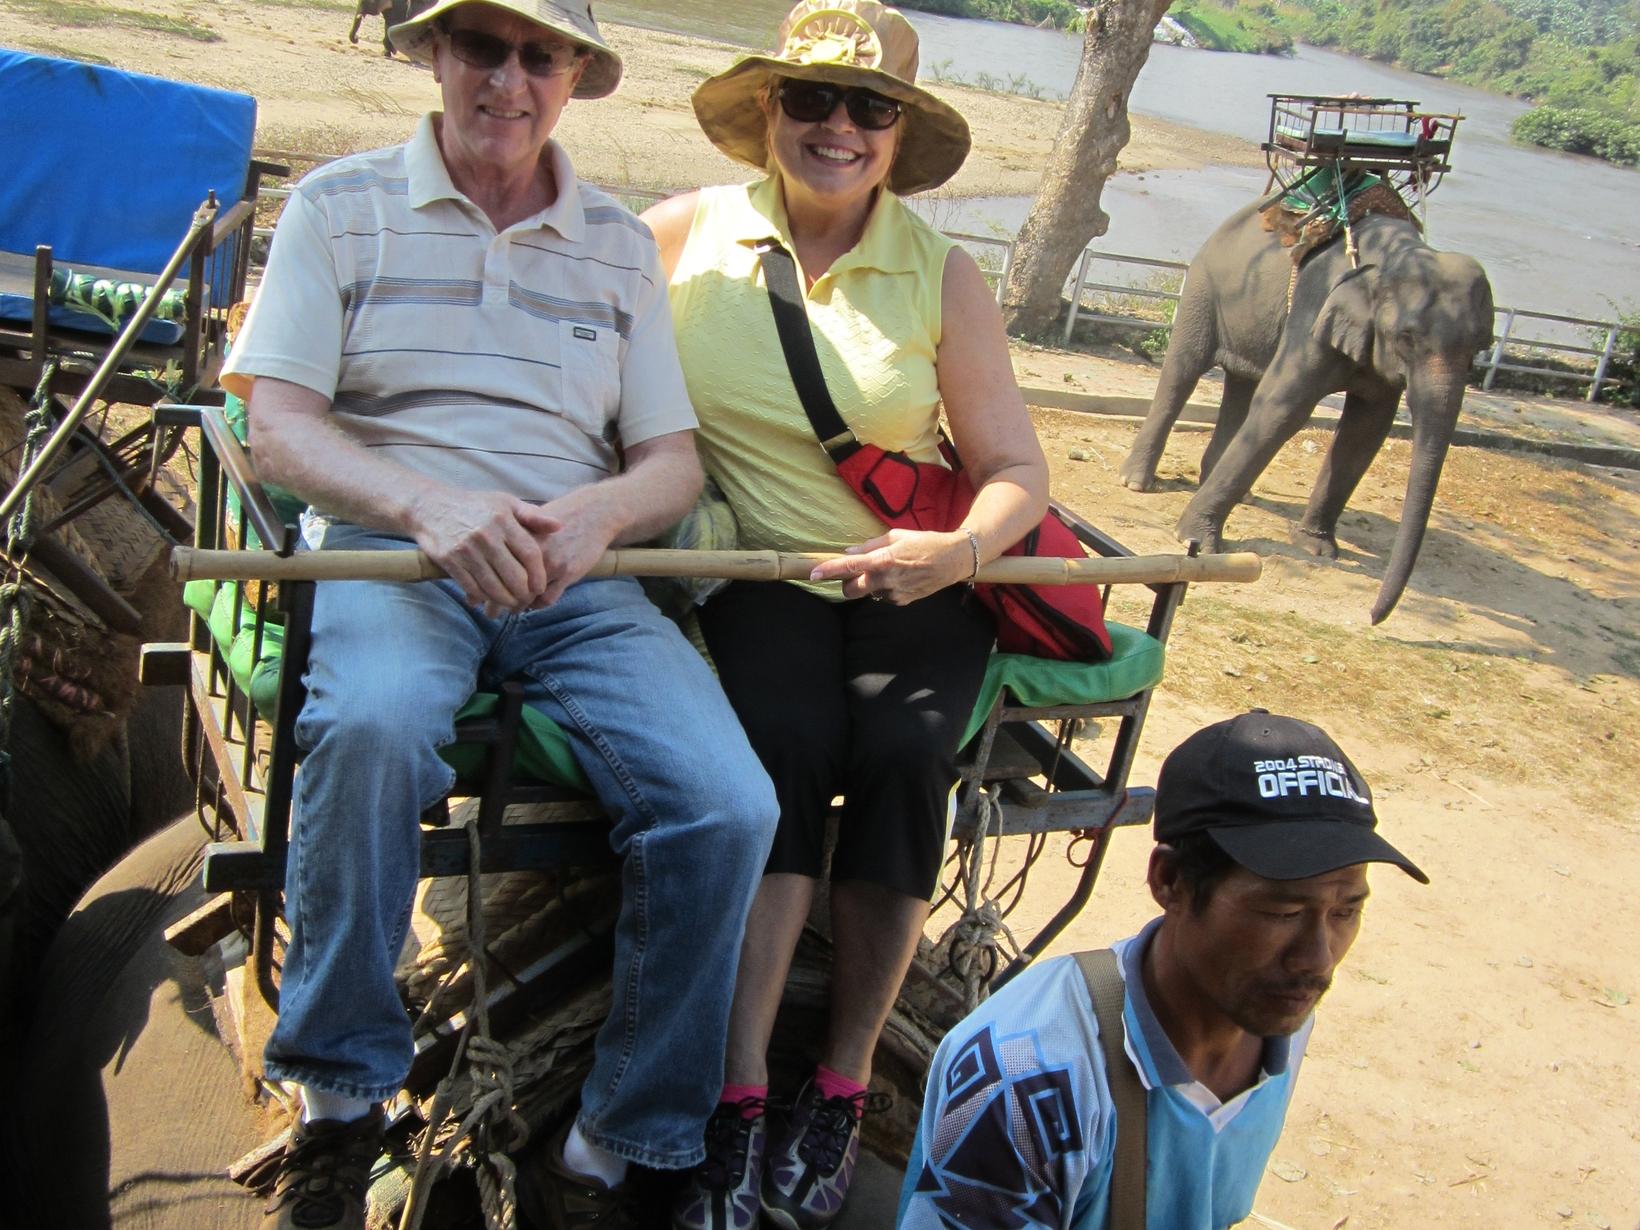 John & Carole from Calgary, Alberta, Canada